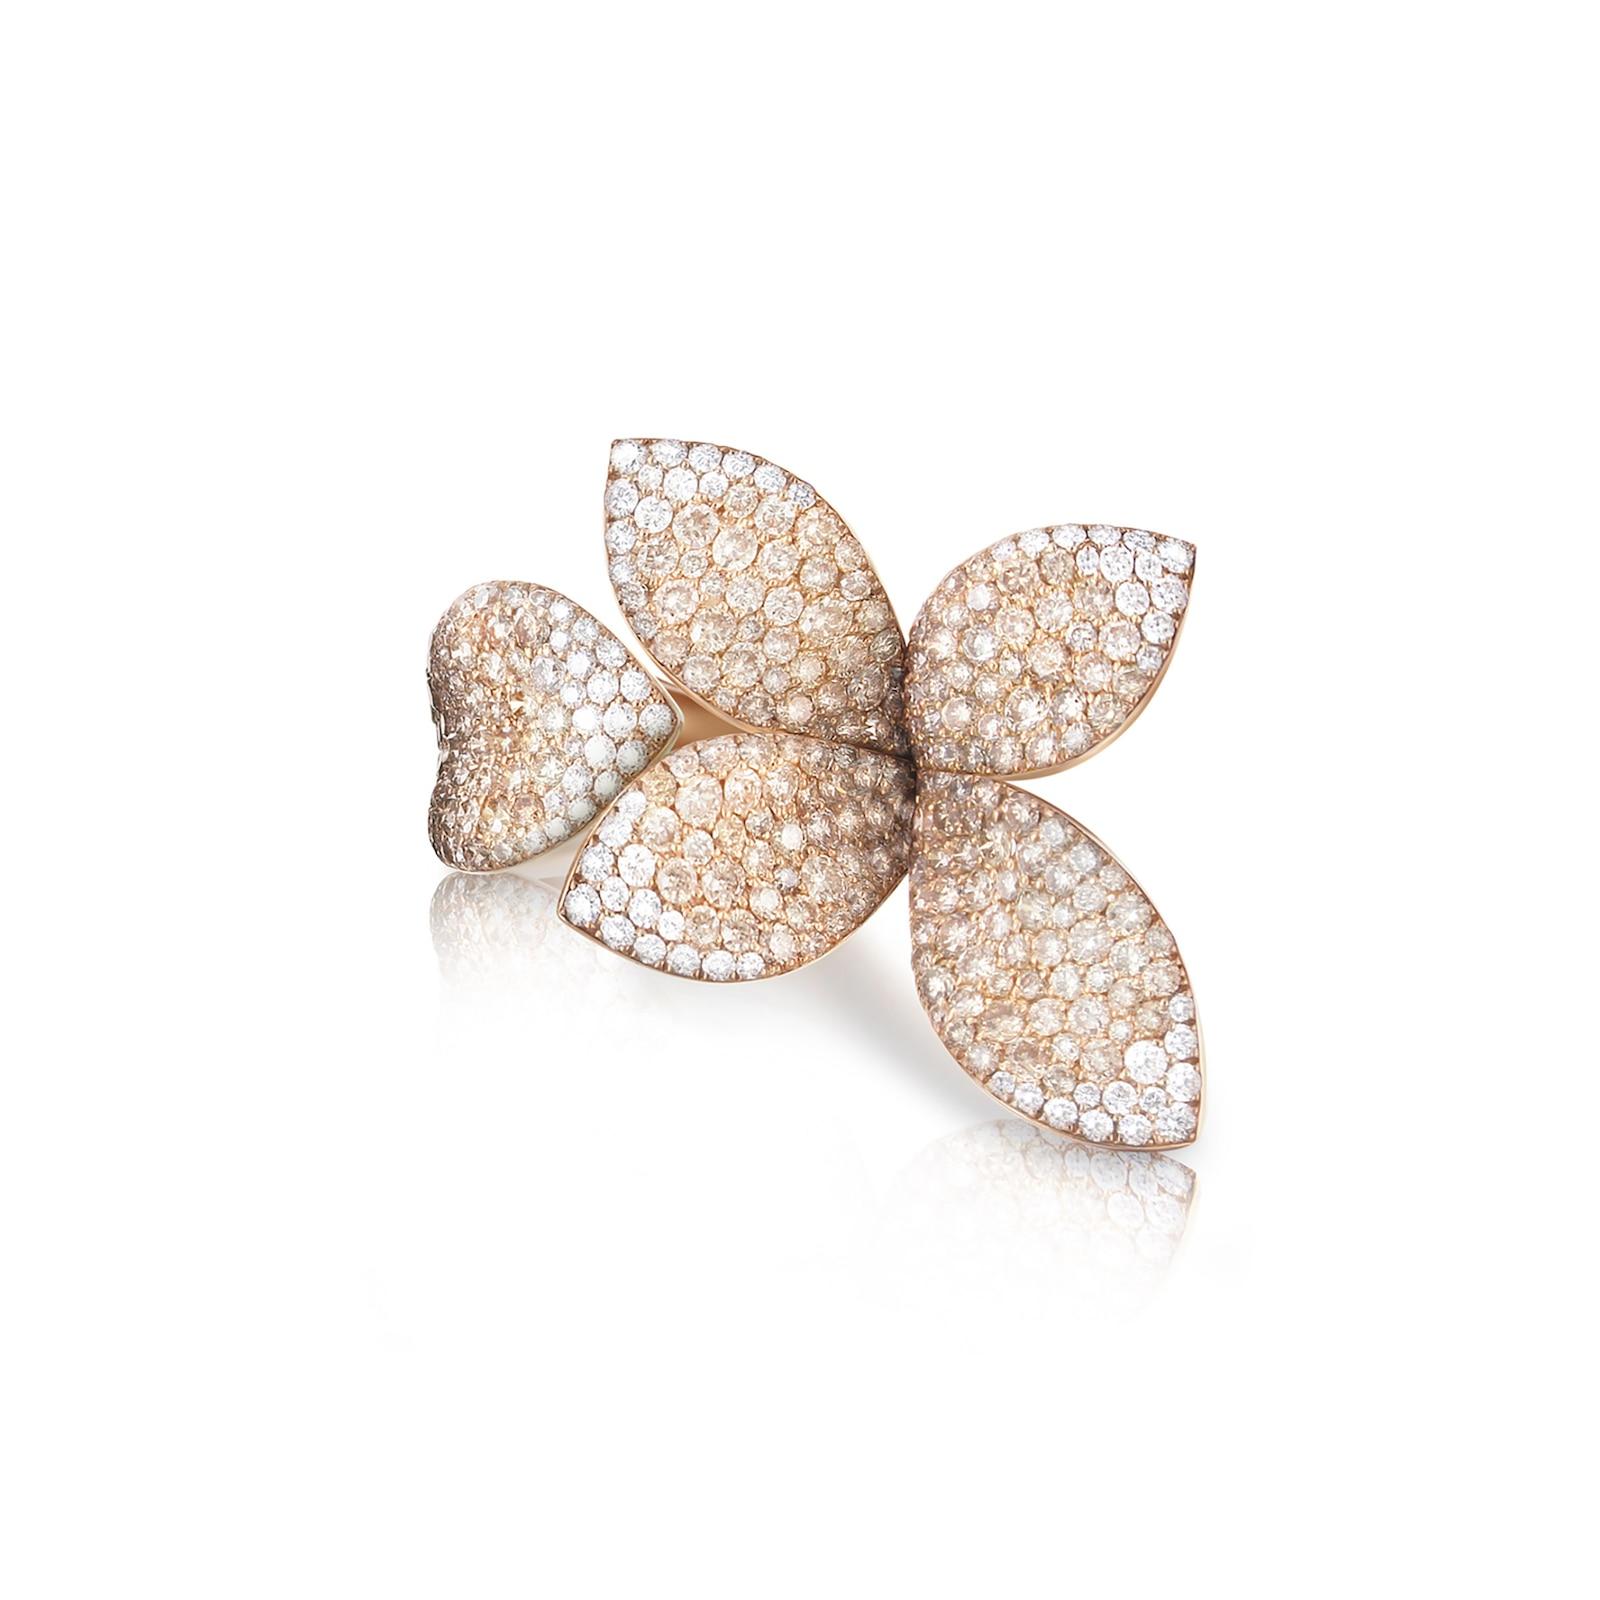 Pasquale Bruni Giardini Segreti Ring With White And Champagne Diamonds